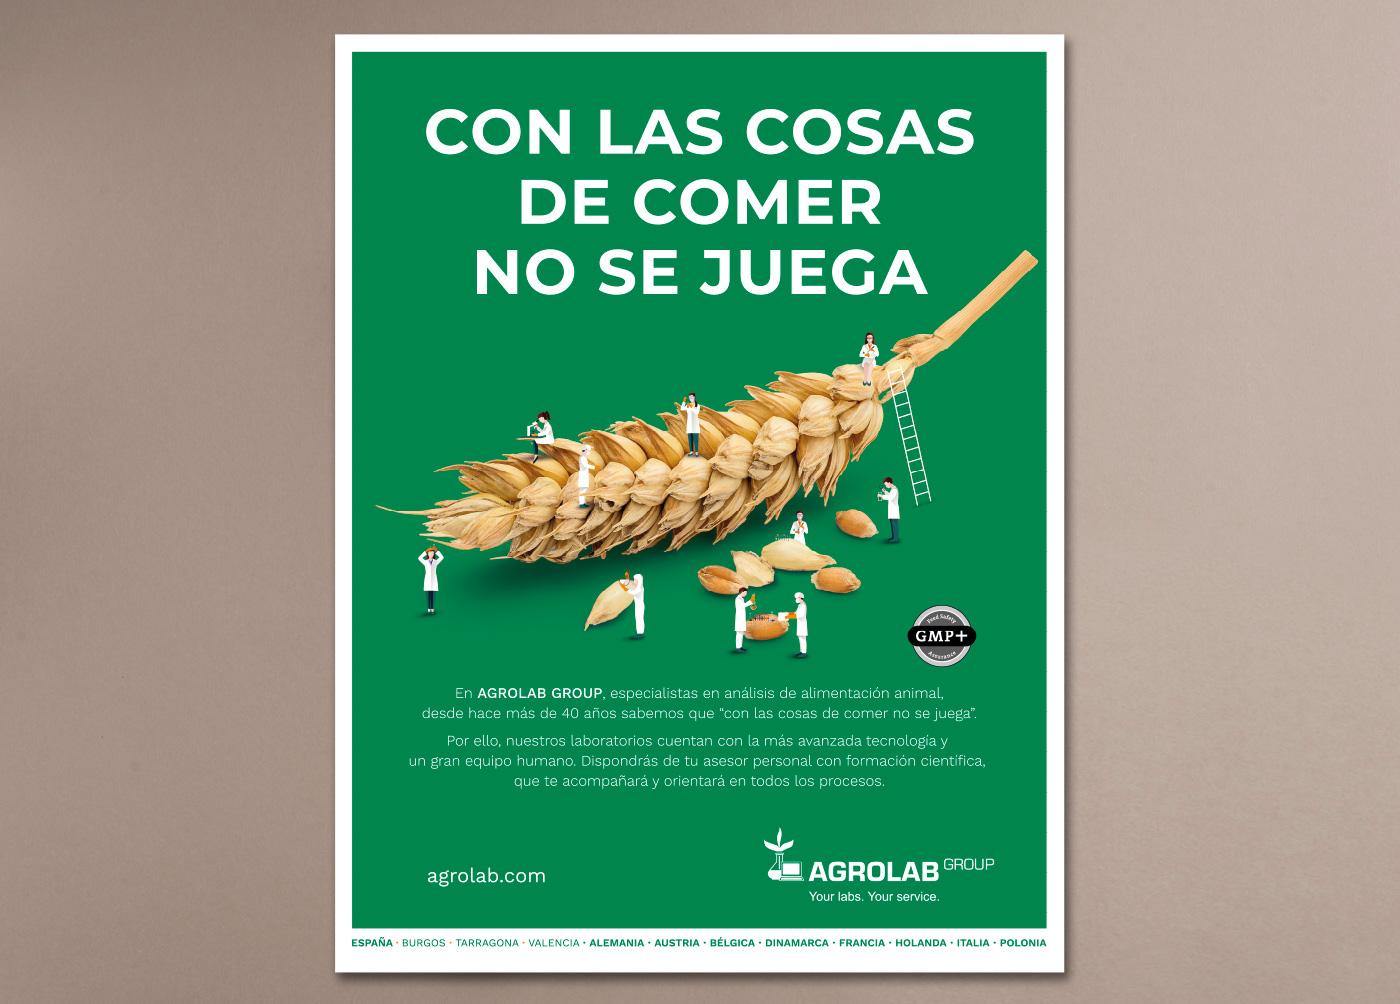 Agrolab01anuncio-agrolab-revista-cesfac-diseño